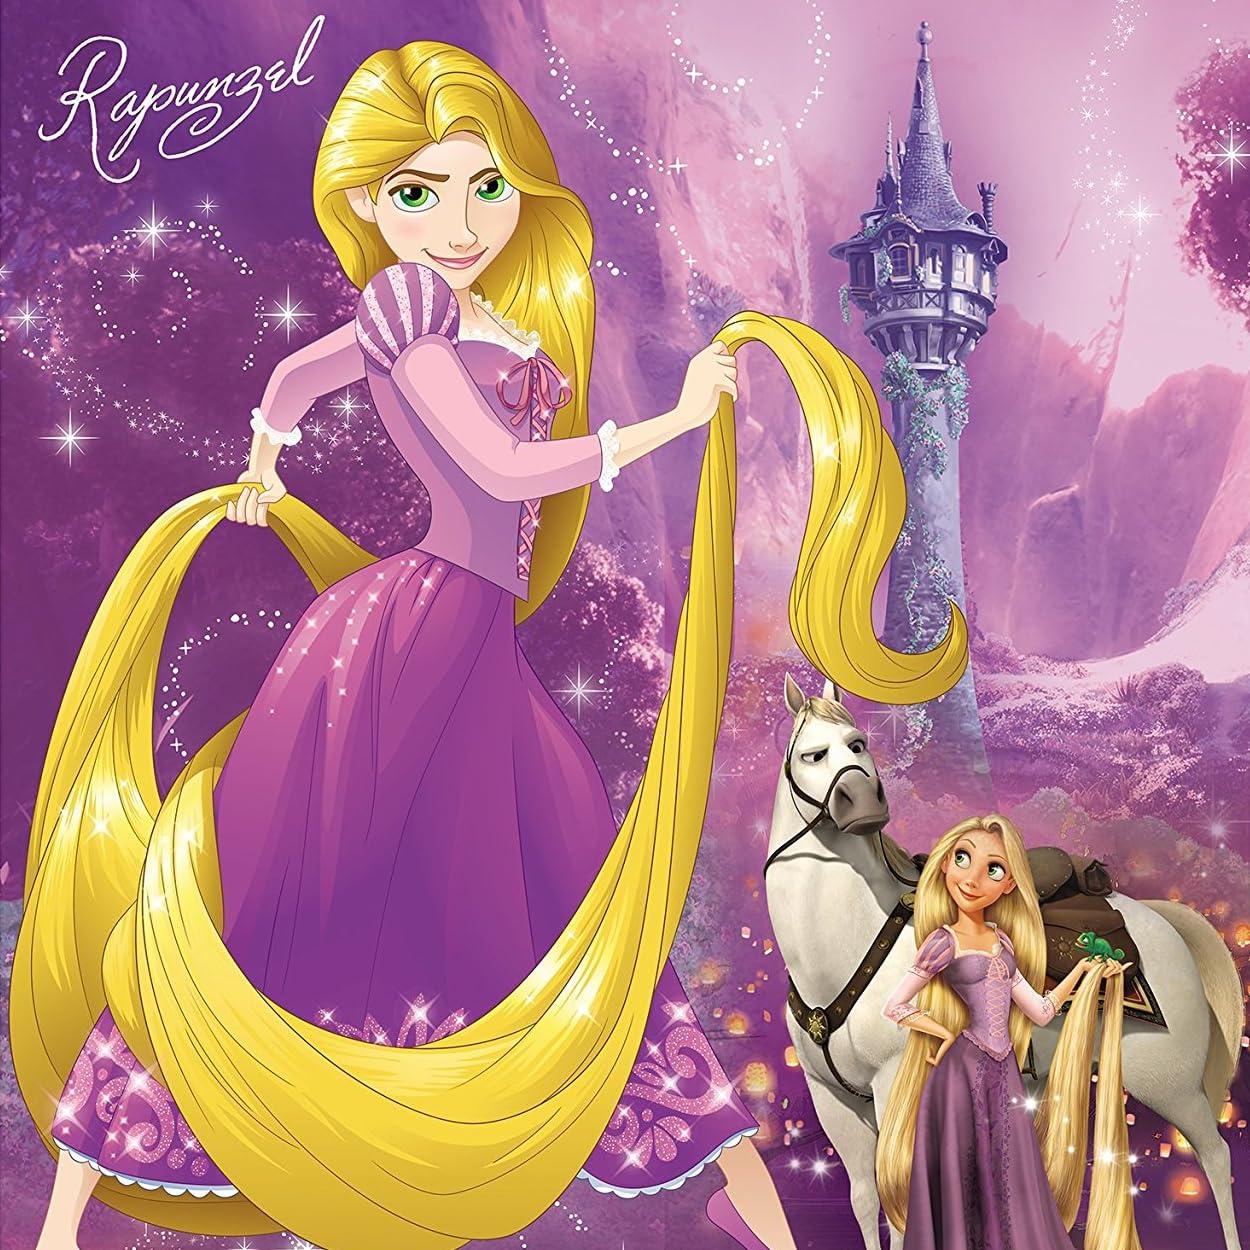 ディズニー Ipad壁紙 塔の上のラプンツェル ラプンツェル Rapunzel マキシマス Maximus アニメ スマホ用画像765